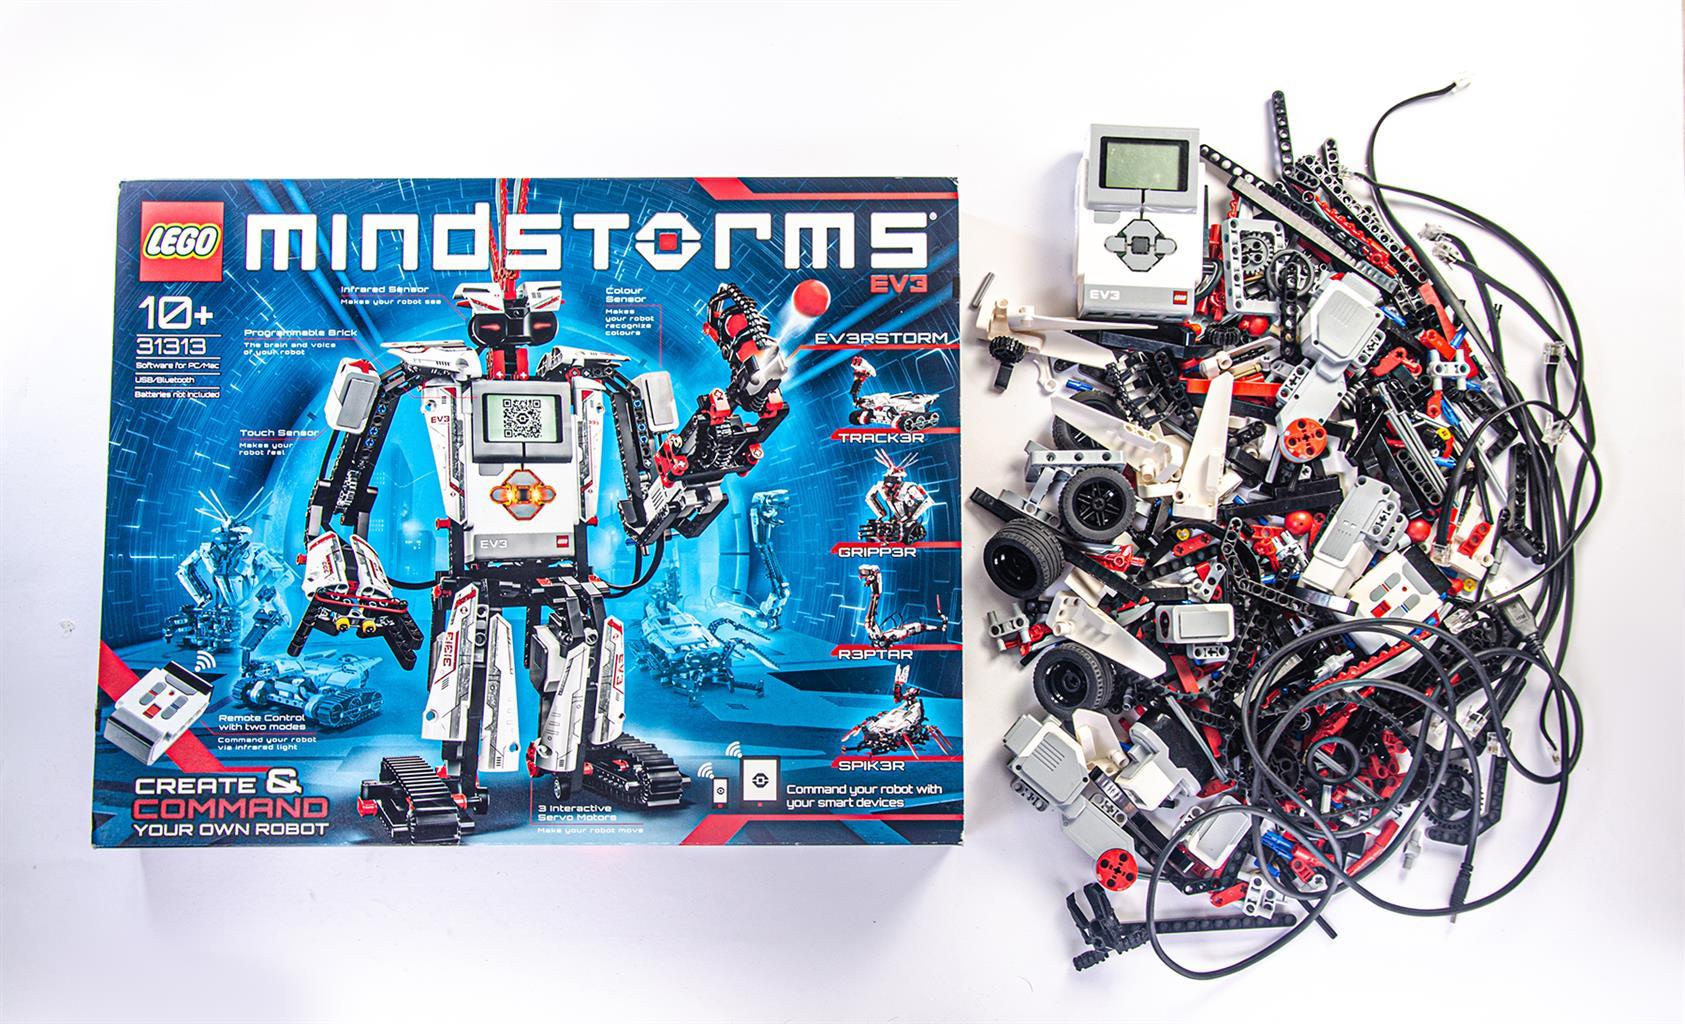 Lego Mindstorms EV3 + Education Pack